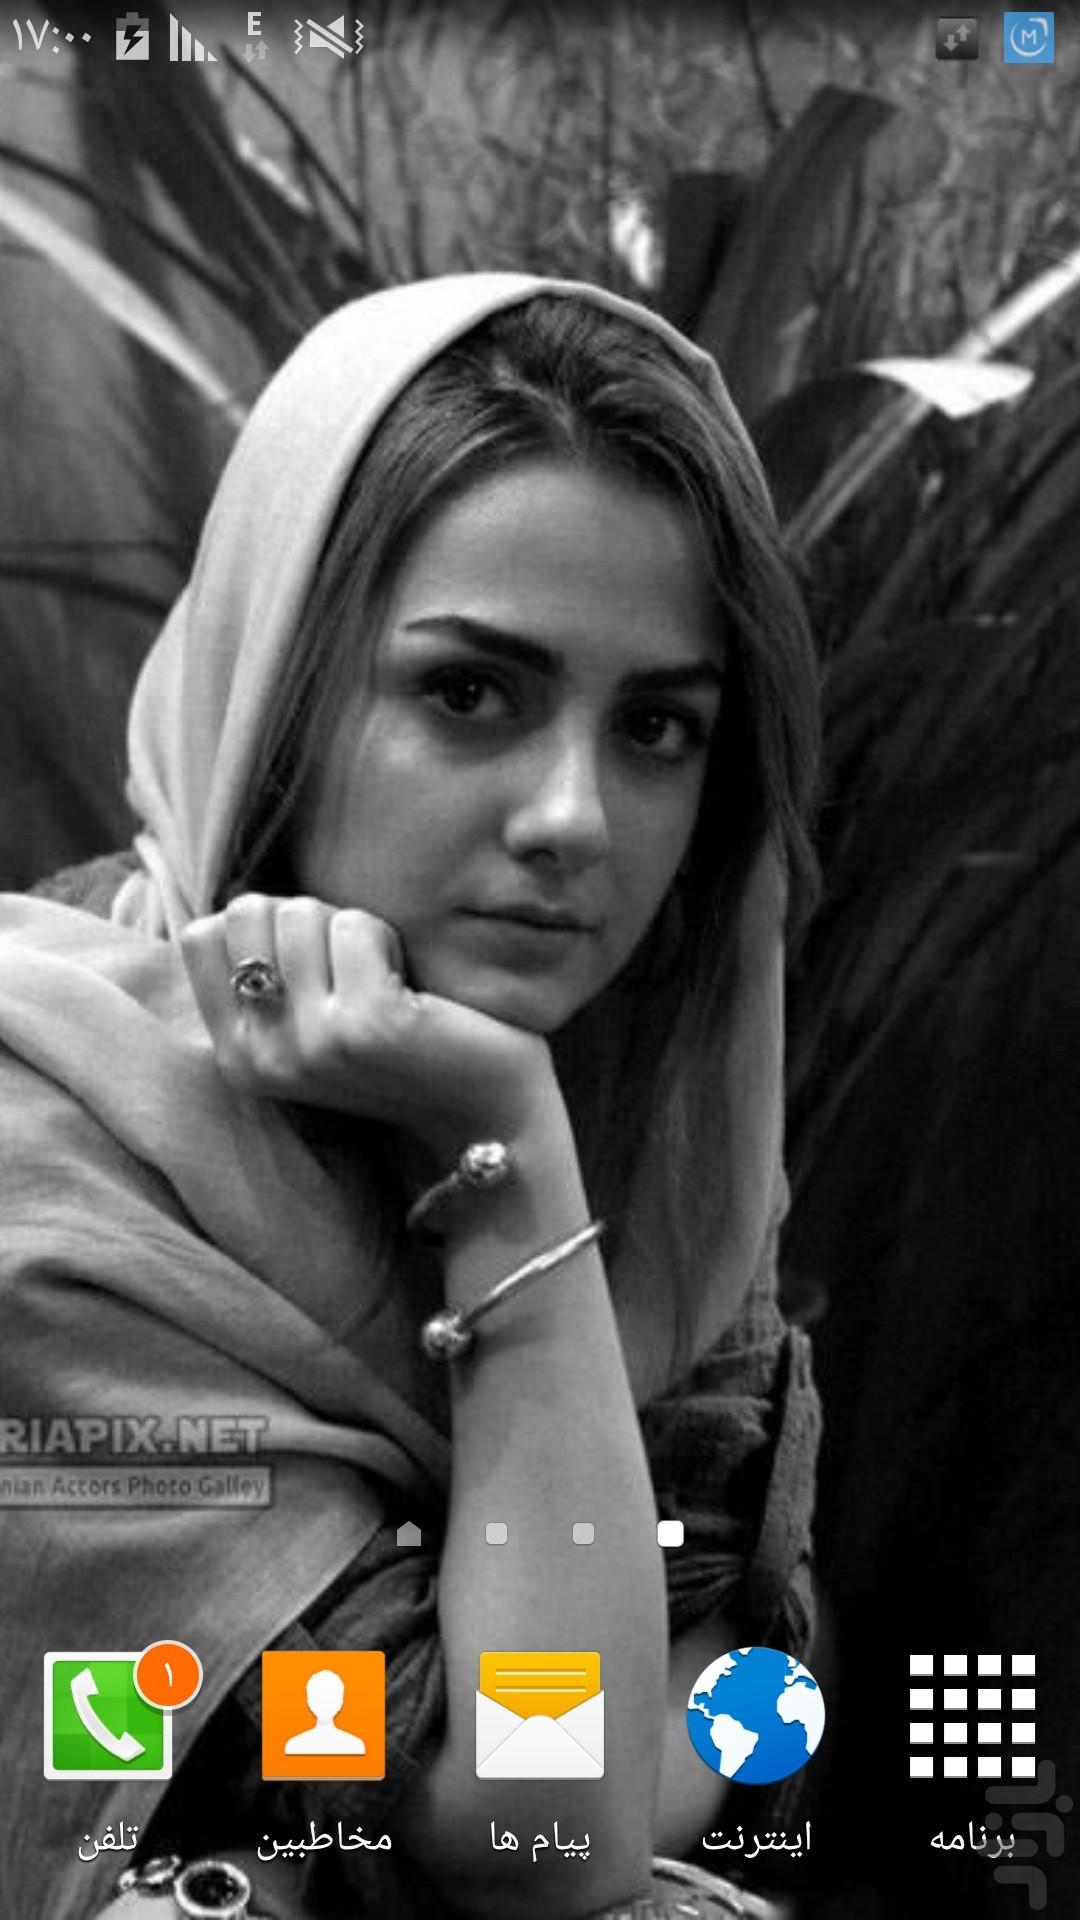 حسن فتحی کارگردان سریال شهرزاد درباره تصمیمش برای ساخت سری دوم و سوم سریال «شهرزاد